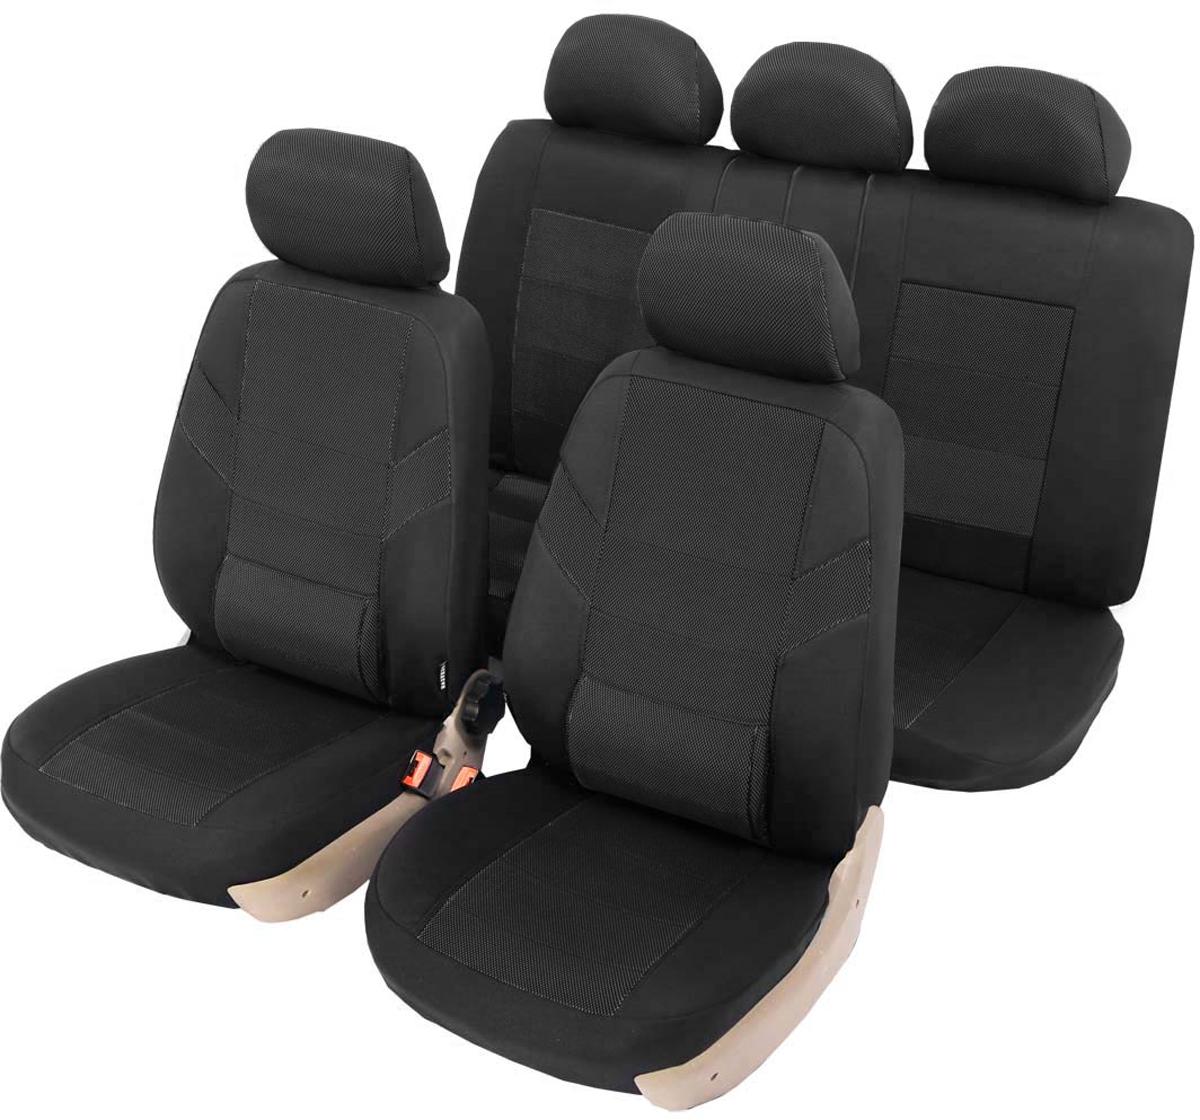 Чехлы автомобильные универсальные Senator Colorado, с ортопедической поддержкой, цвет: черный, 11 предметов. Размер M